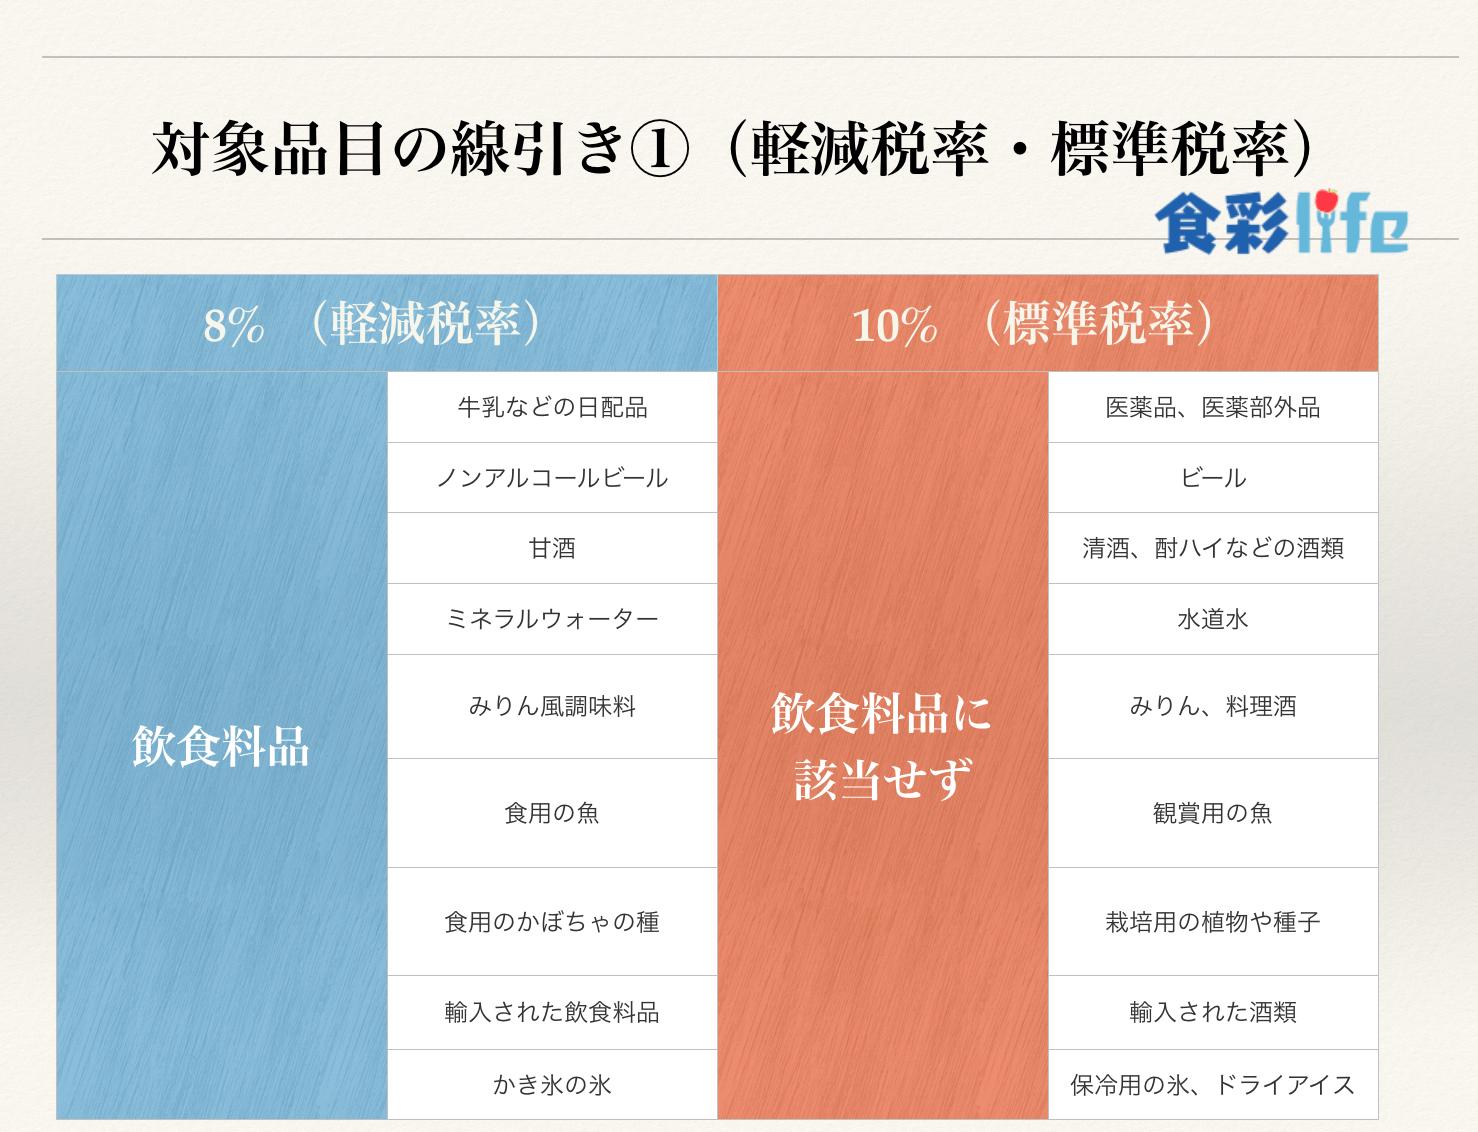 軽減税率・標準税率における対象品目の線引き① 食彩life